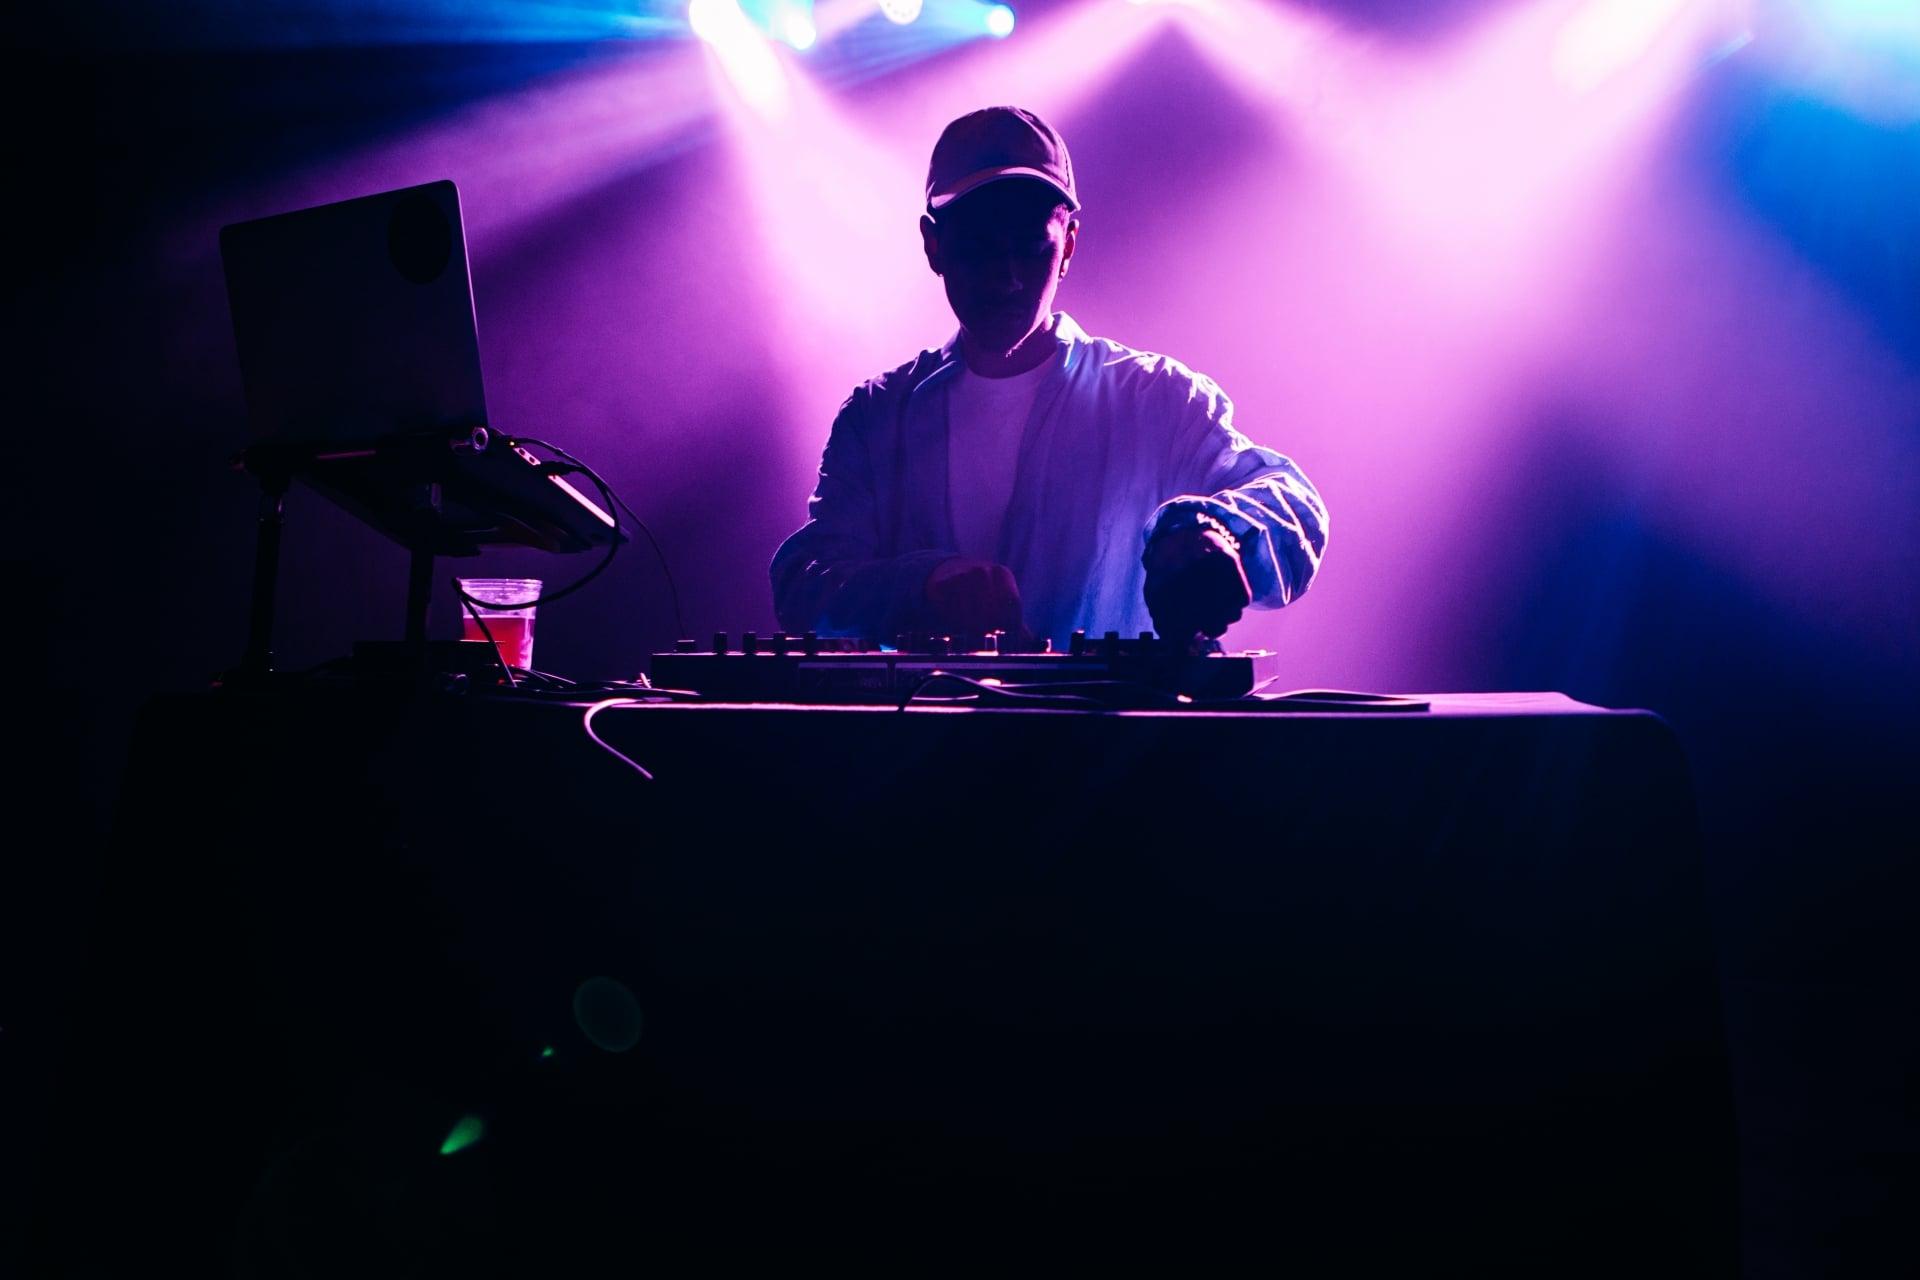 Jobangebot DJ